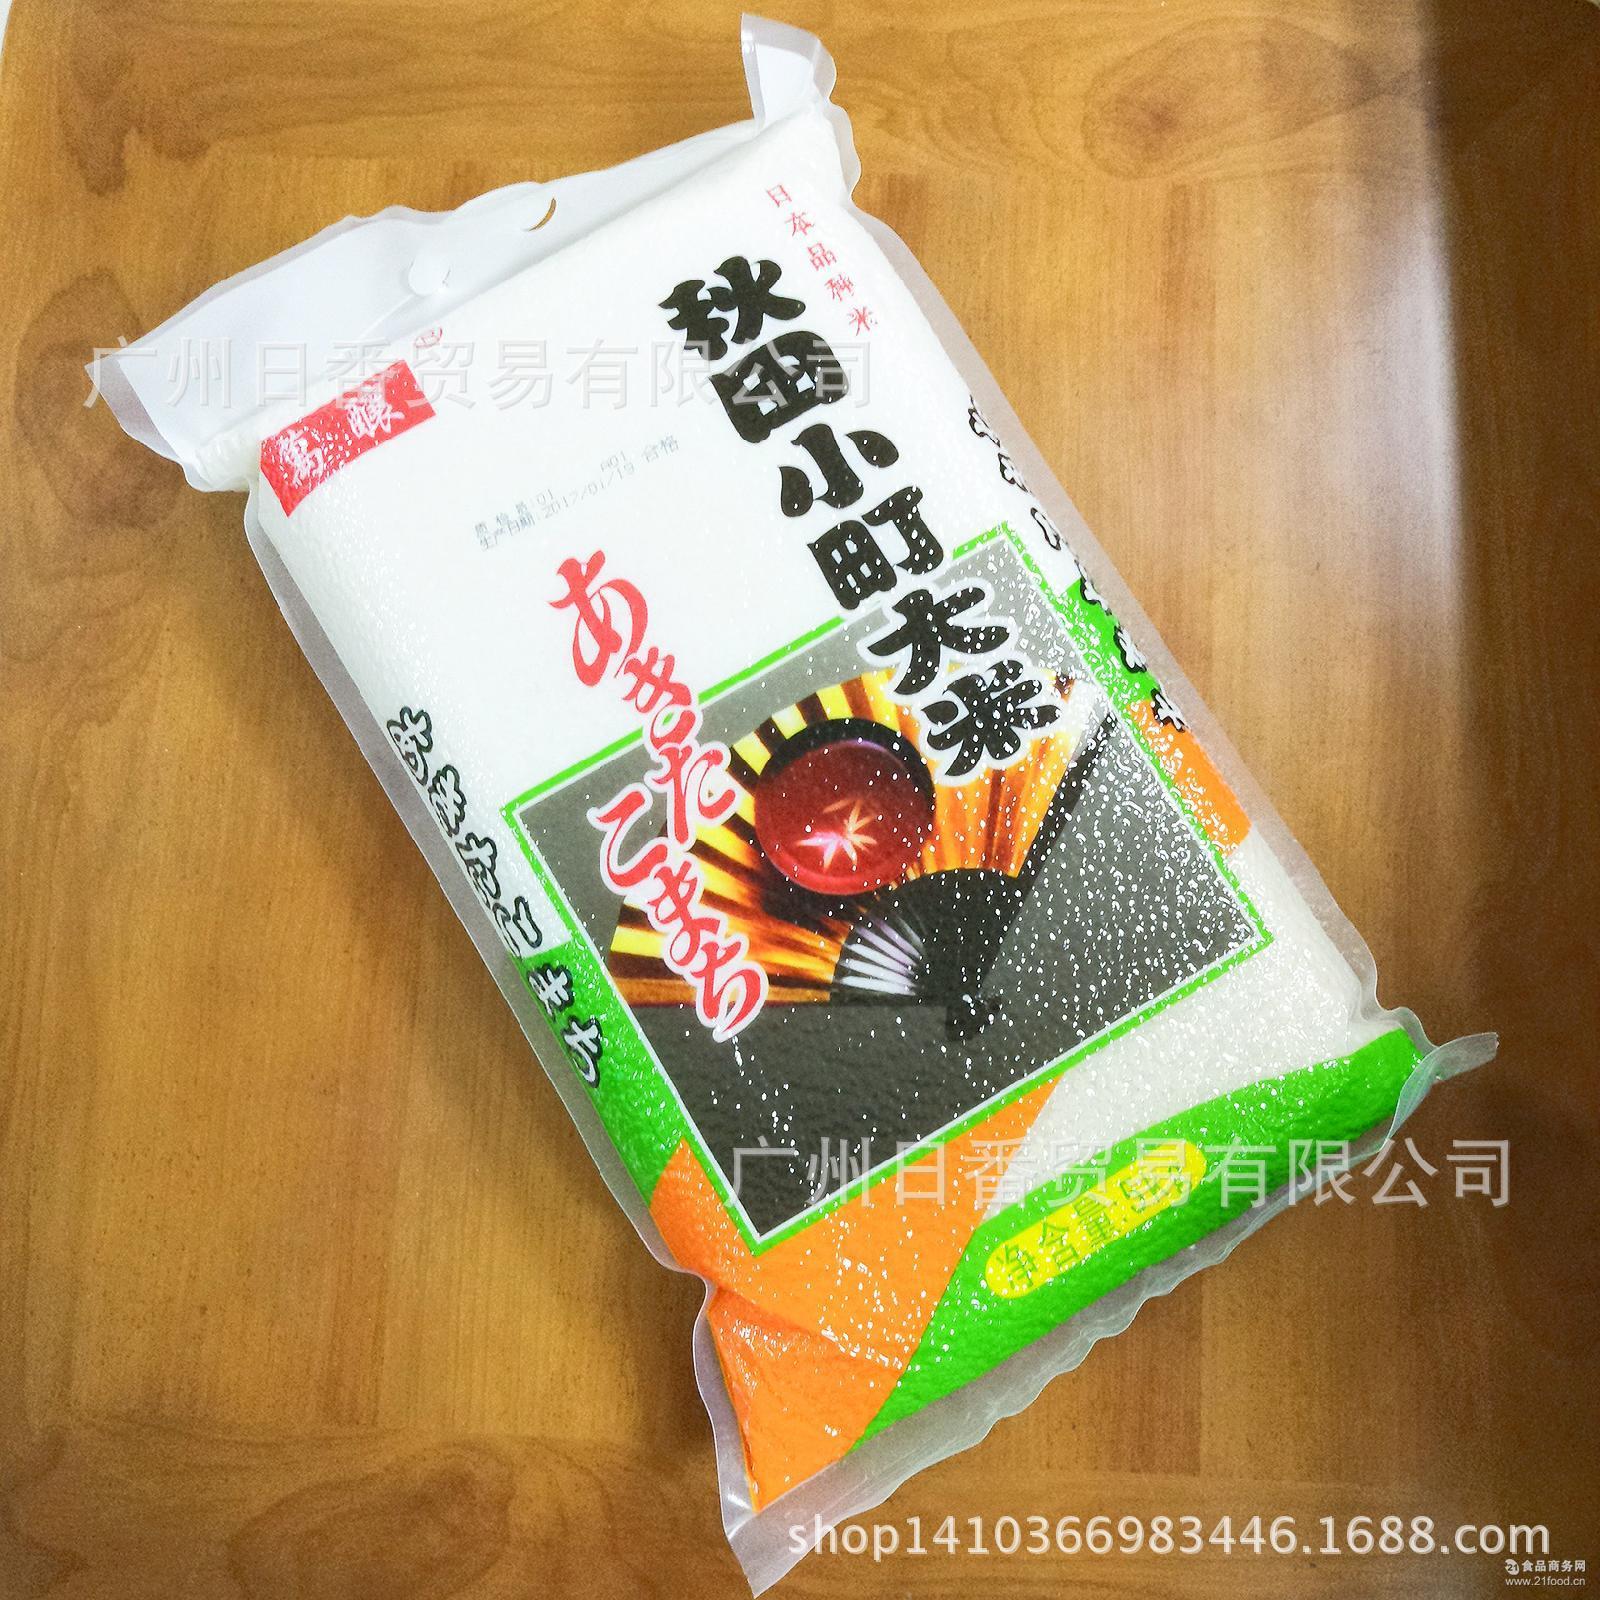 秋田小町日本一级寿司米寿司包饭吉林石板地大米5kg